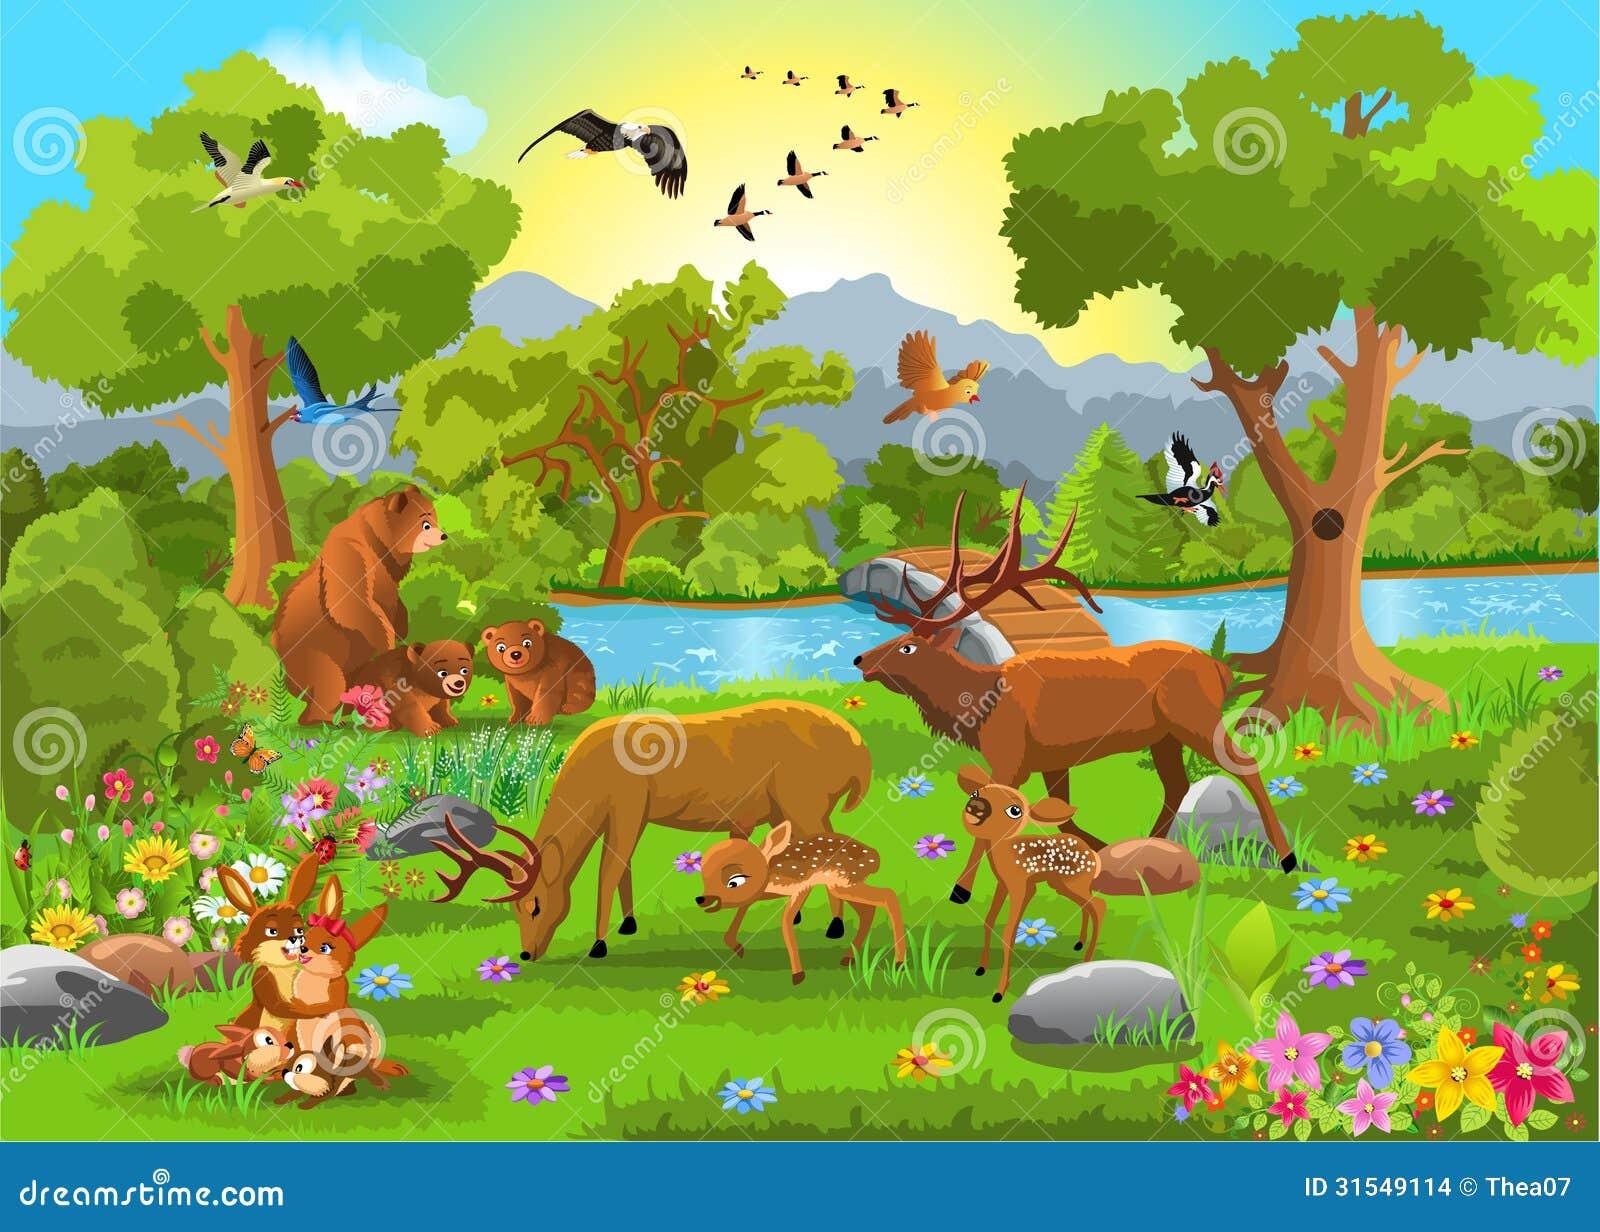 Картинки лесных животных для детей детского сада 5